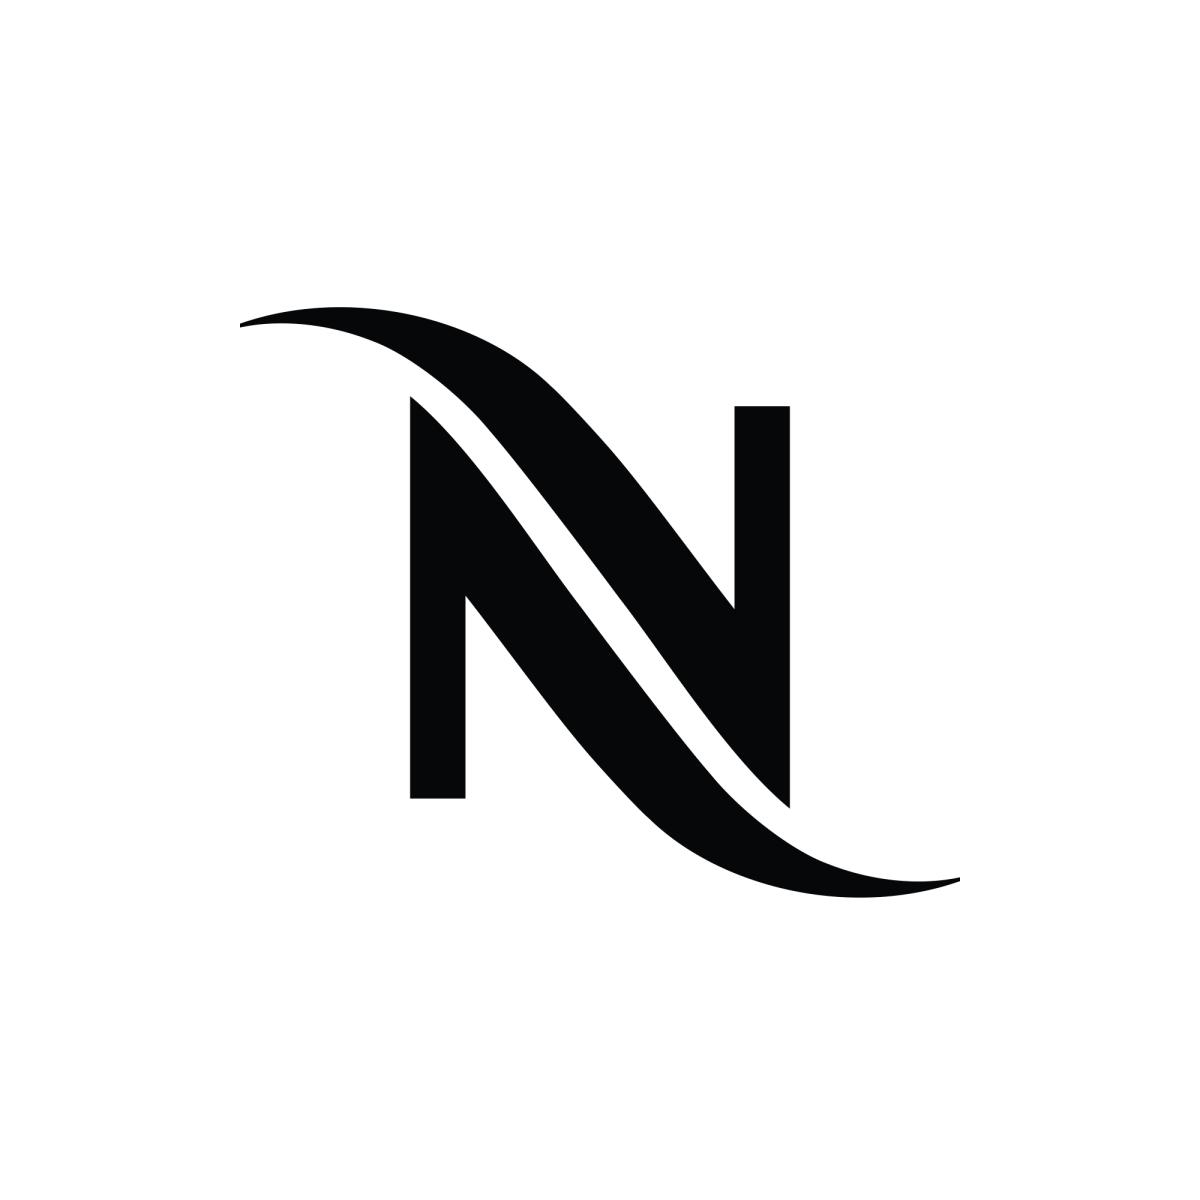 Nespresso Svg Logo N Logo Design Letter Logo Design N Letter Design